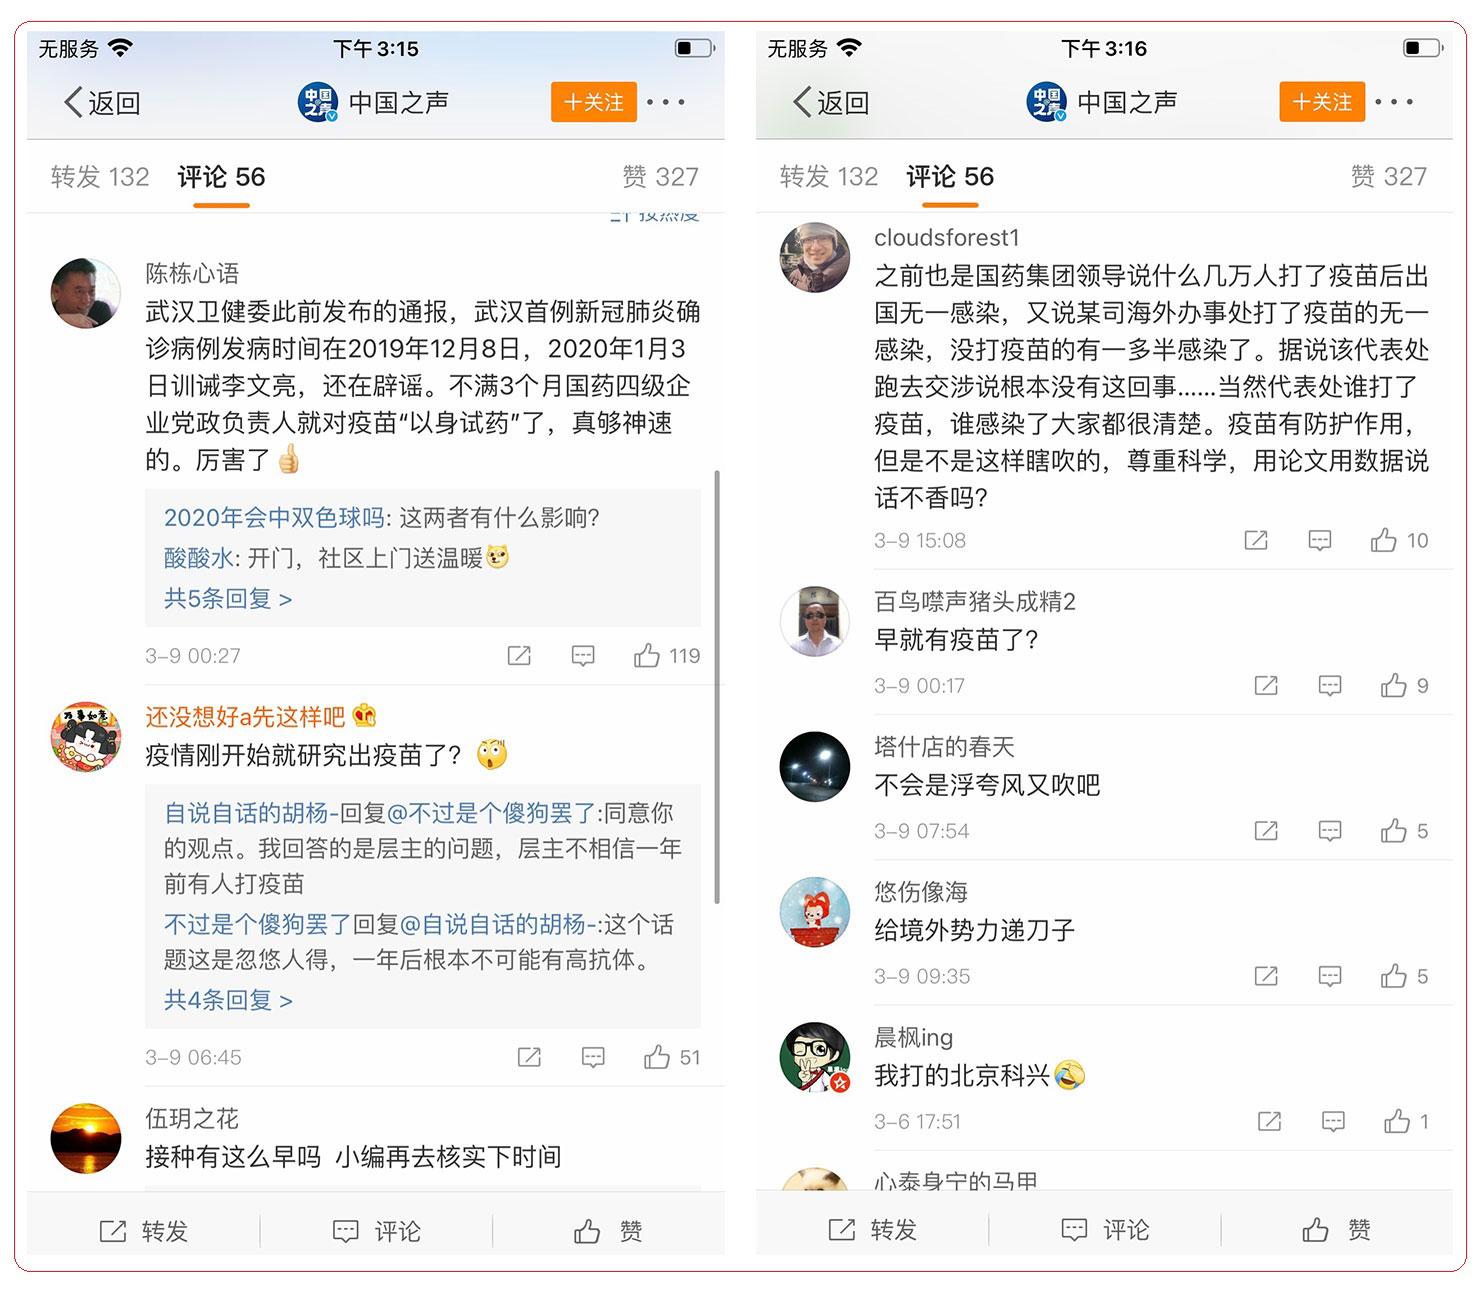 左图:网民说,去年1月3日官方还在指李文亮造谣,竟然出现疫苗。右图网民质疑为何去年就有新冠病毒疫苗。(网页截图)